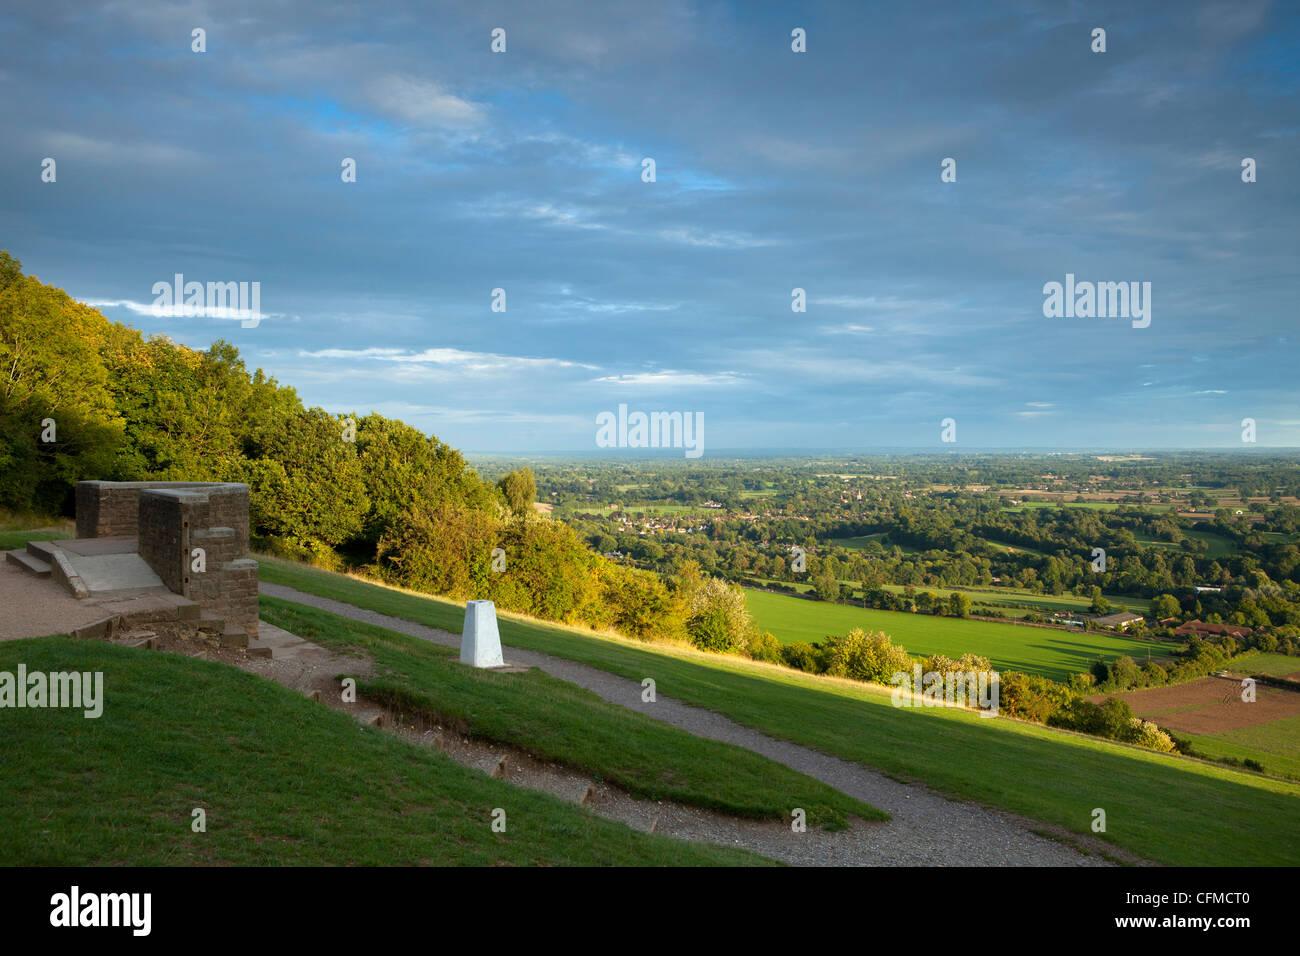 Point de vue sur Fort Hill, Surrey, Angleterre, Royaume-Uni, Europe Banque D'Images